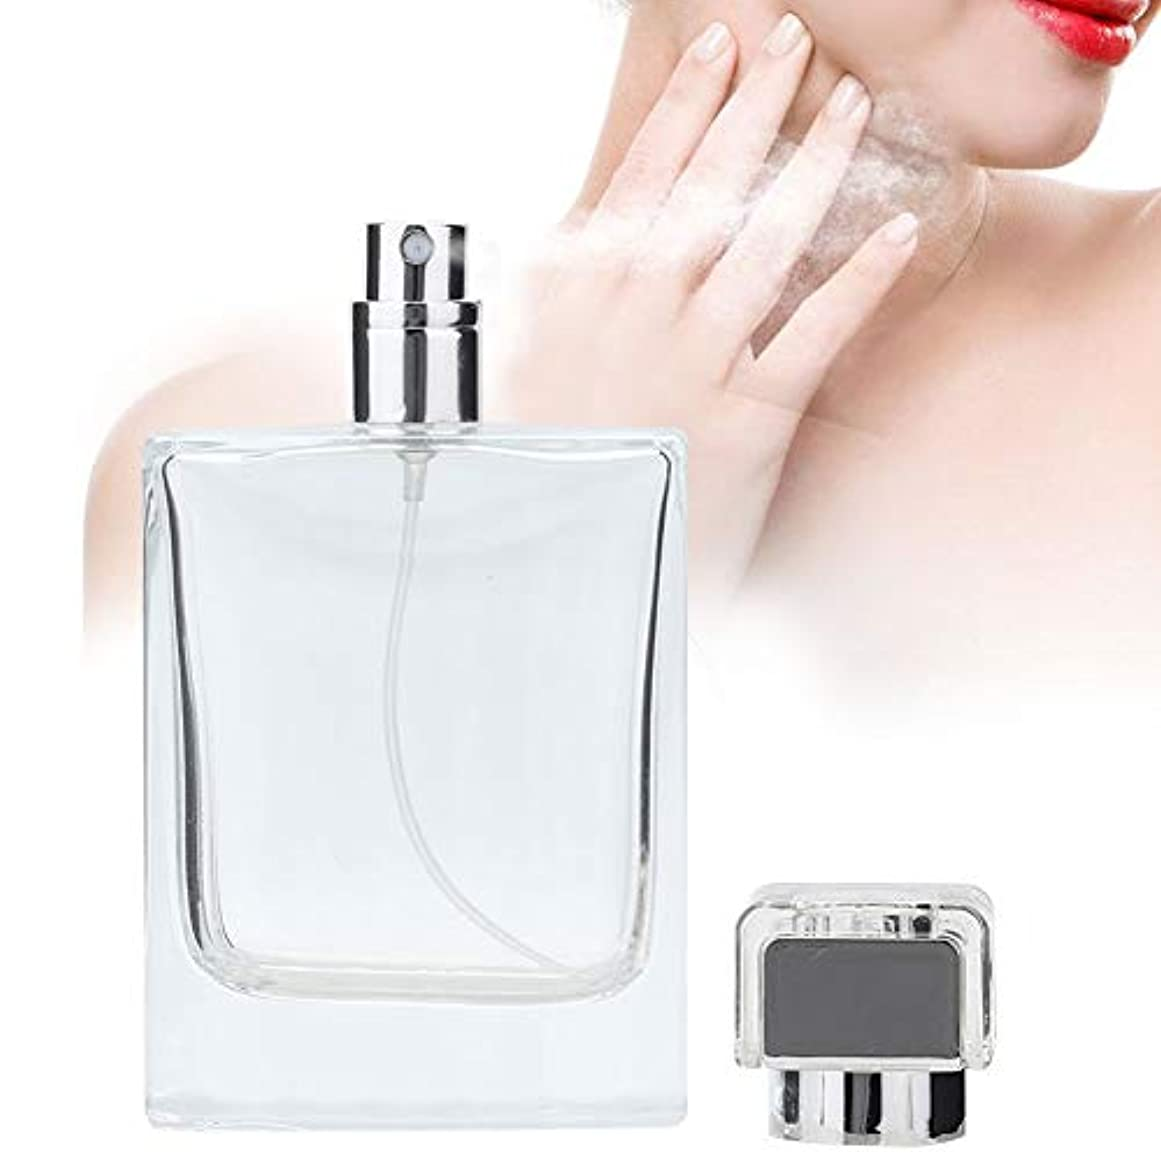 偽物ジョージエリオットママ100 ML ガラス 詰め替え 香水スプレーボトル 空の香水アトマイザーディスペンサーボトル